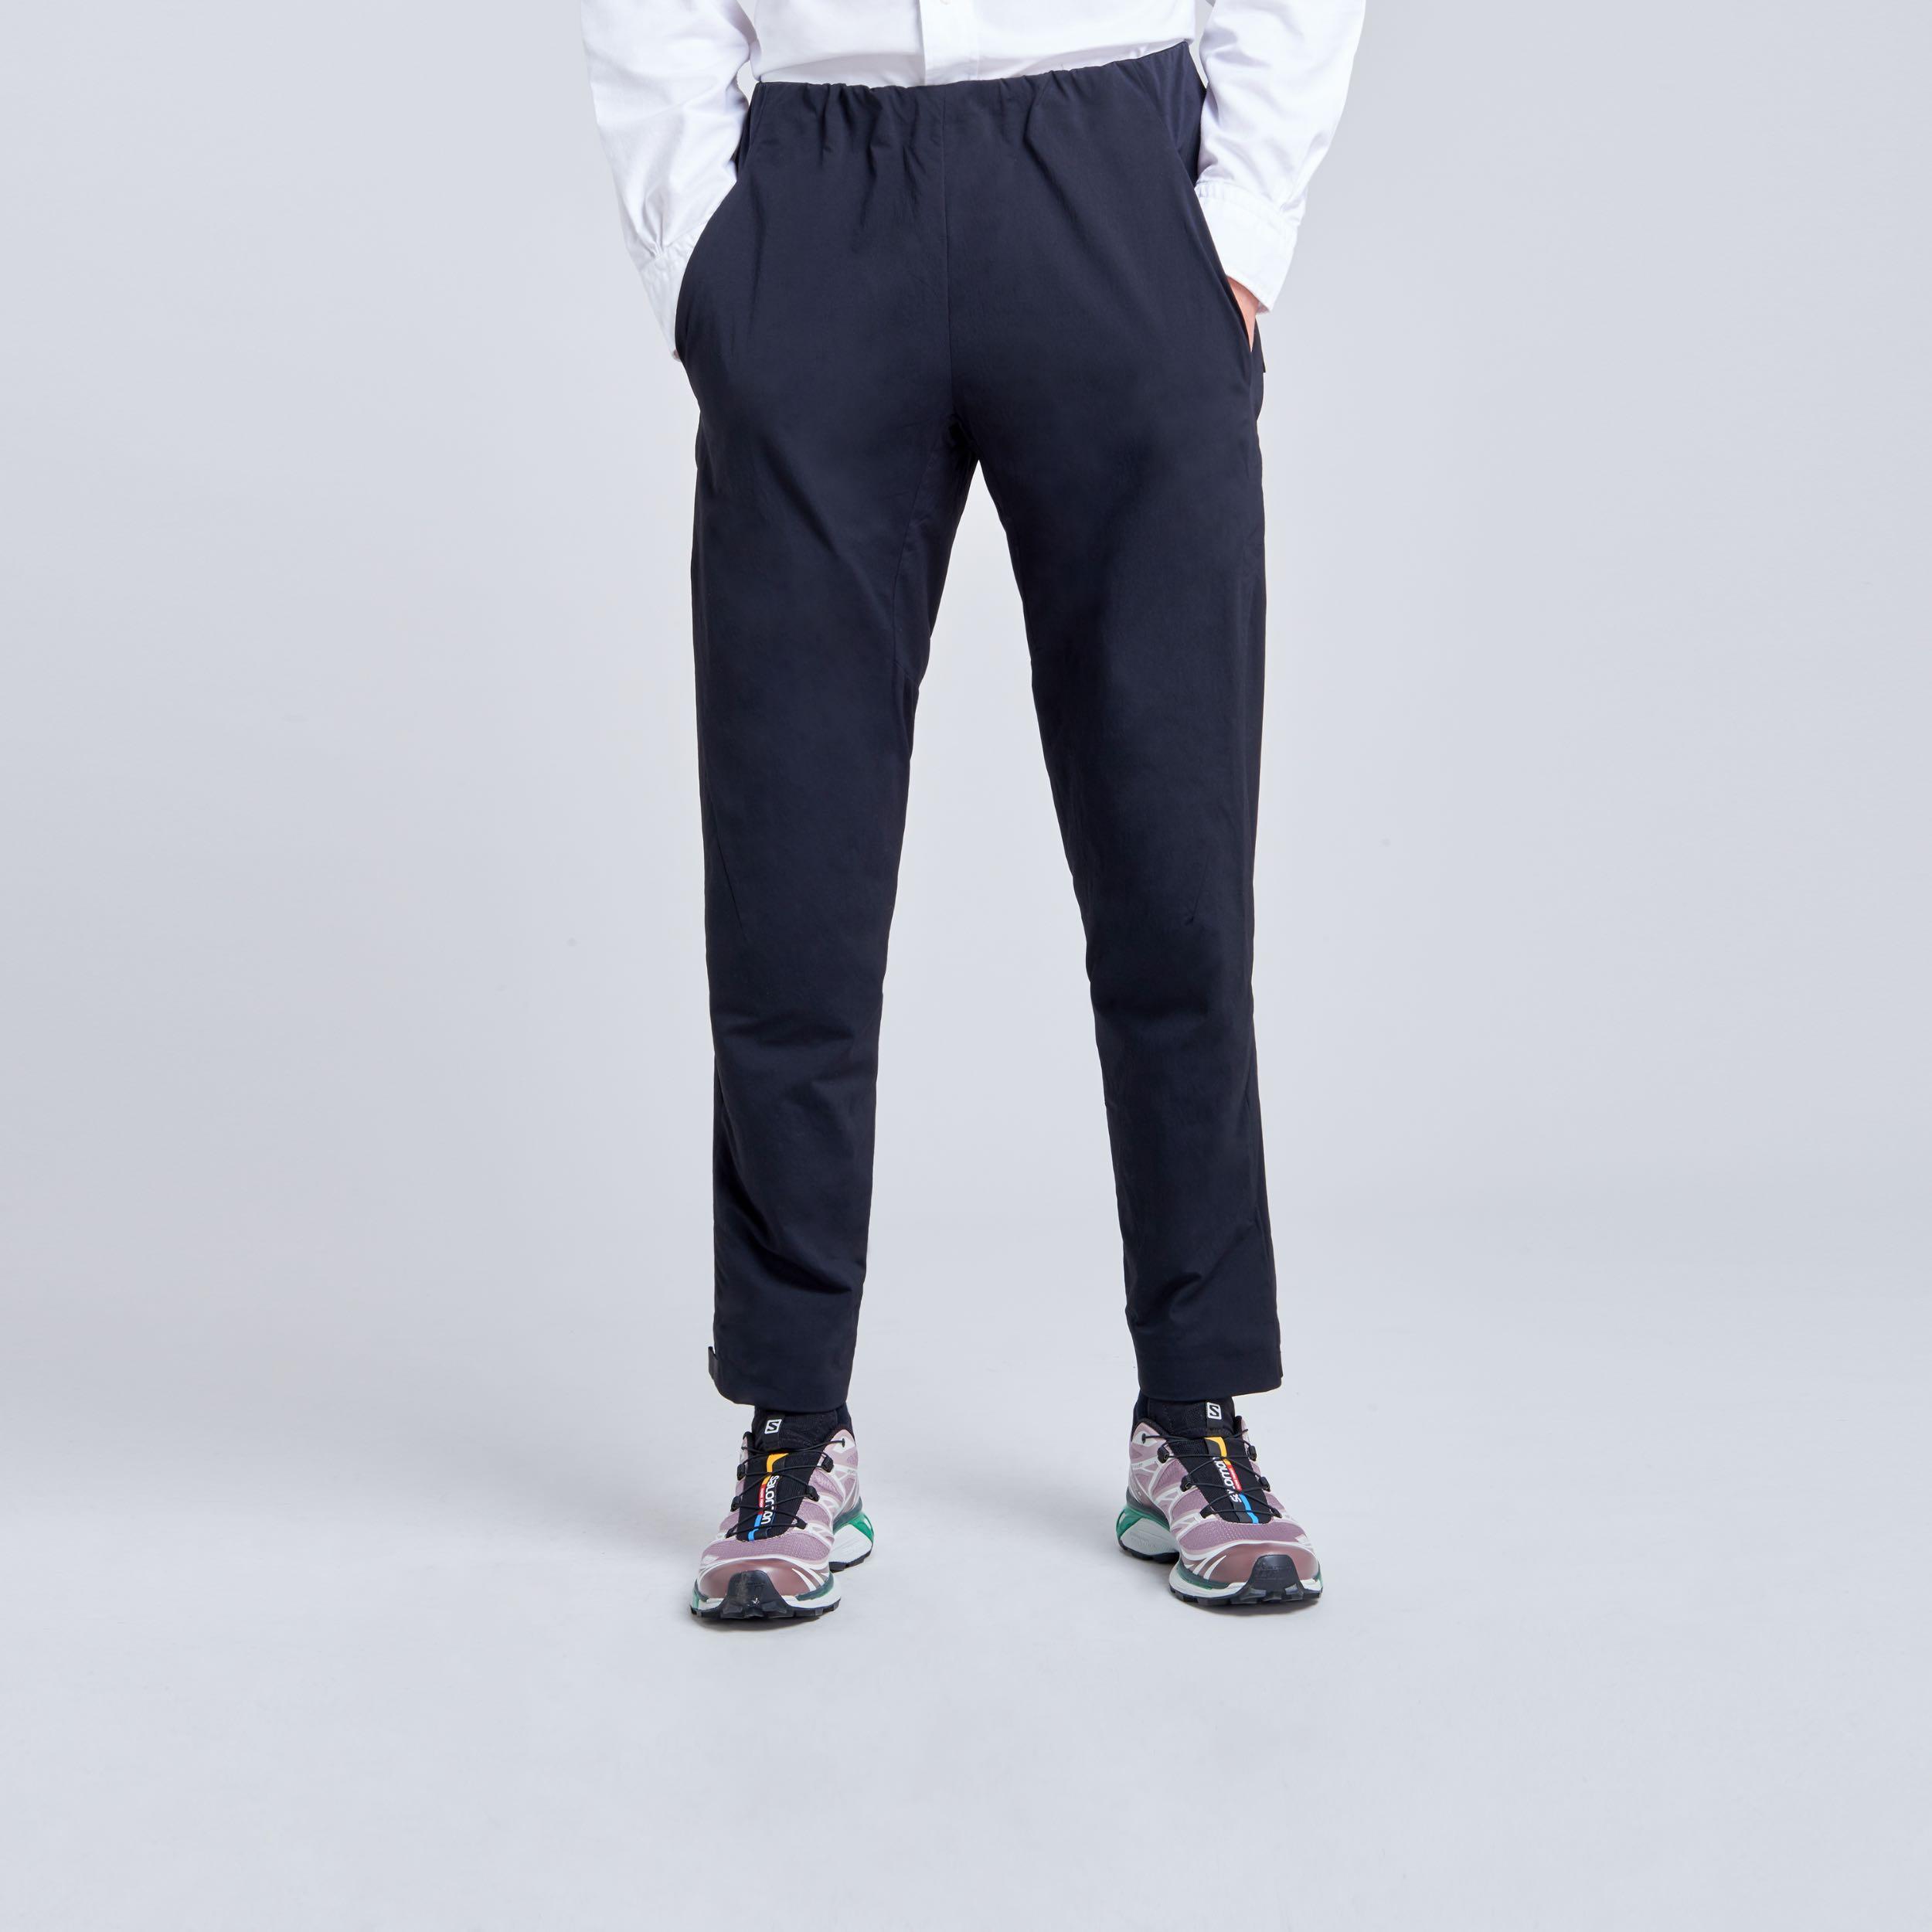 Pantalon mionn is